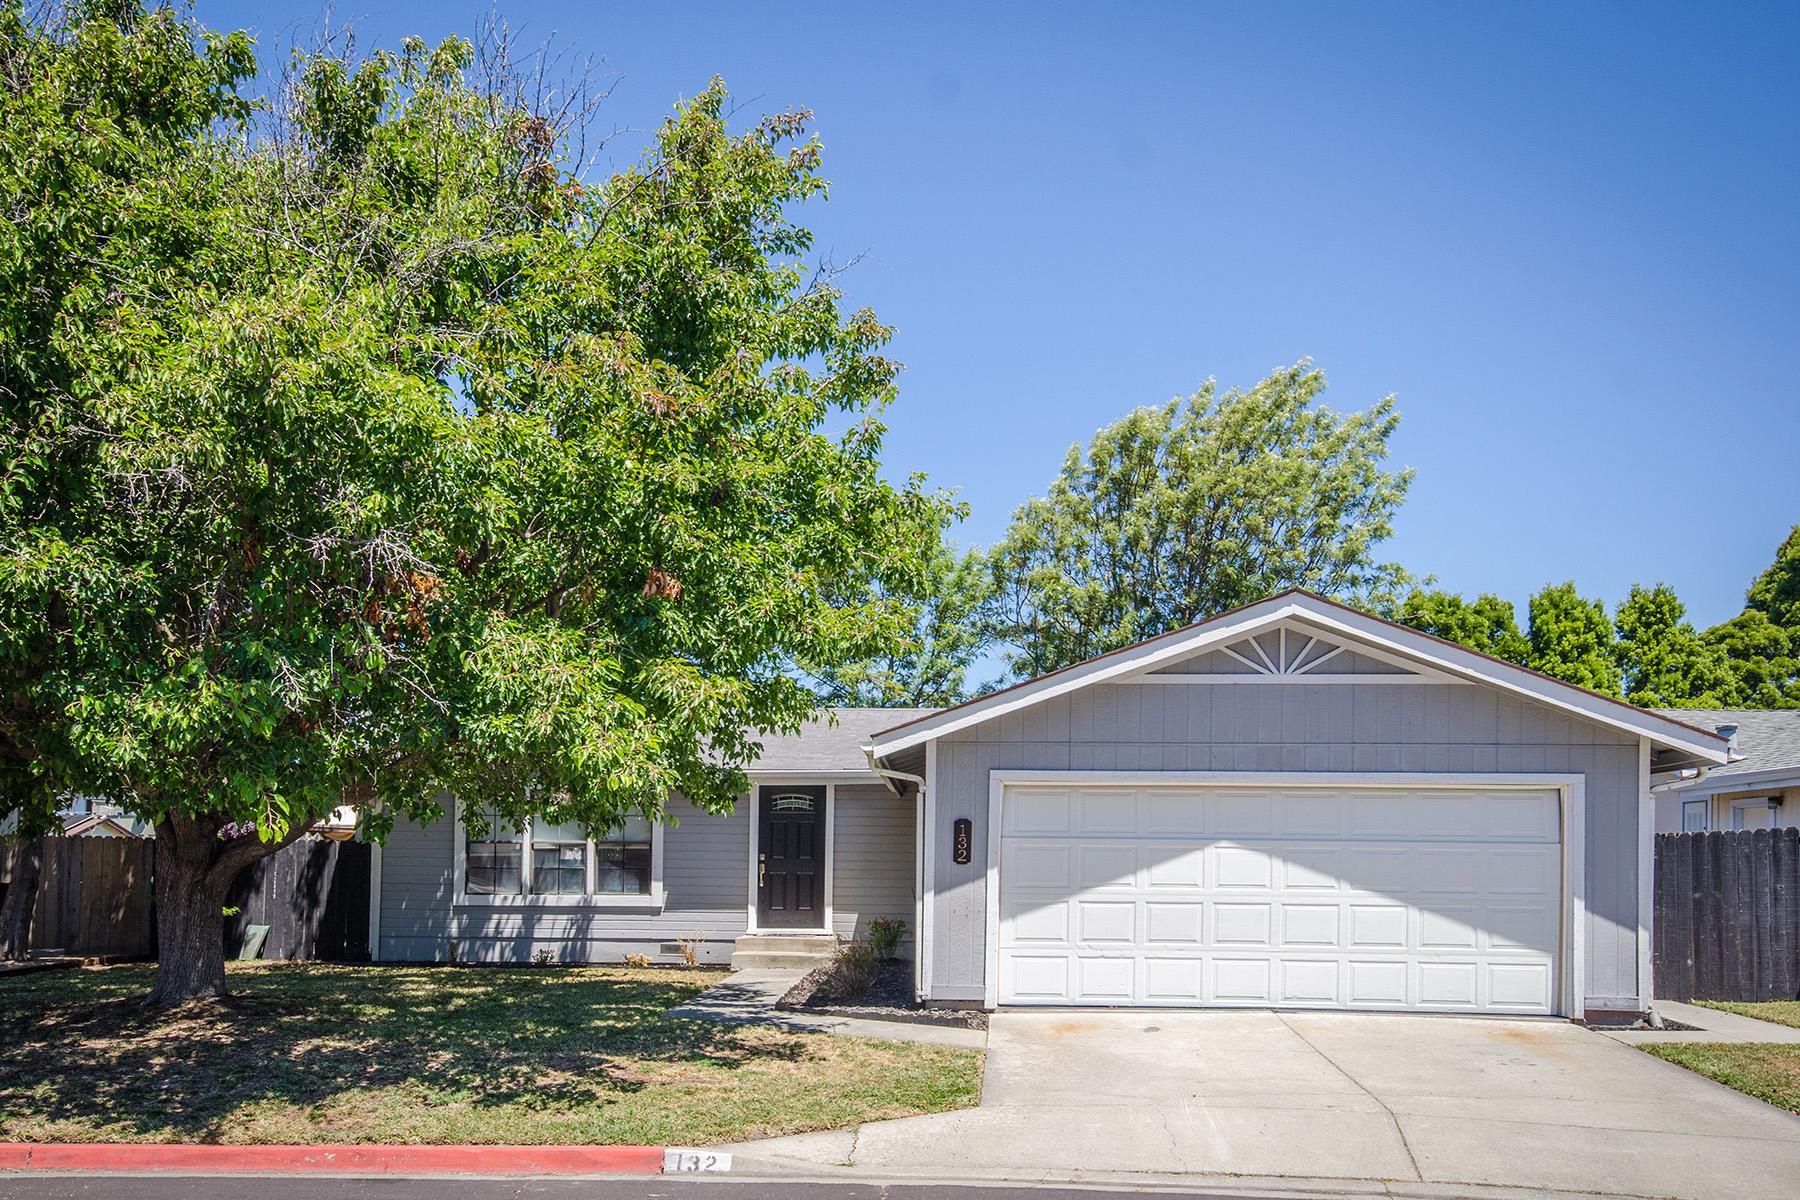 Частный односемейный дом для того Продажа на 132 Creekside Cir, American Canyon, CA 94503 132 Creekside Cir American Canyon, Калифорния, 94503 Соединенные Штаты